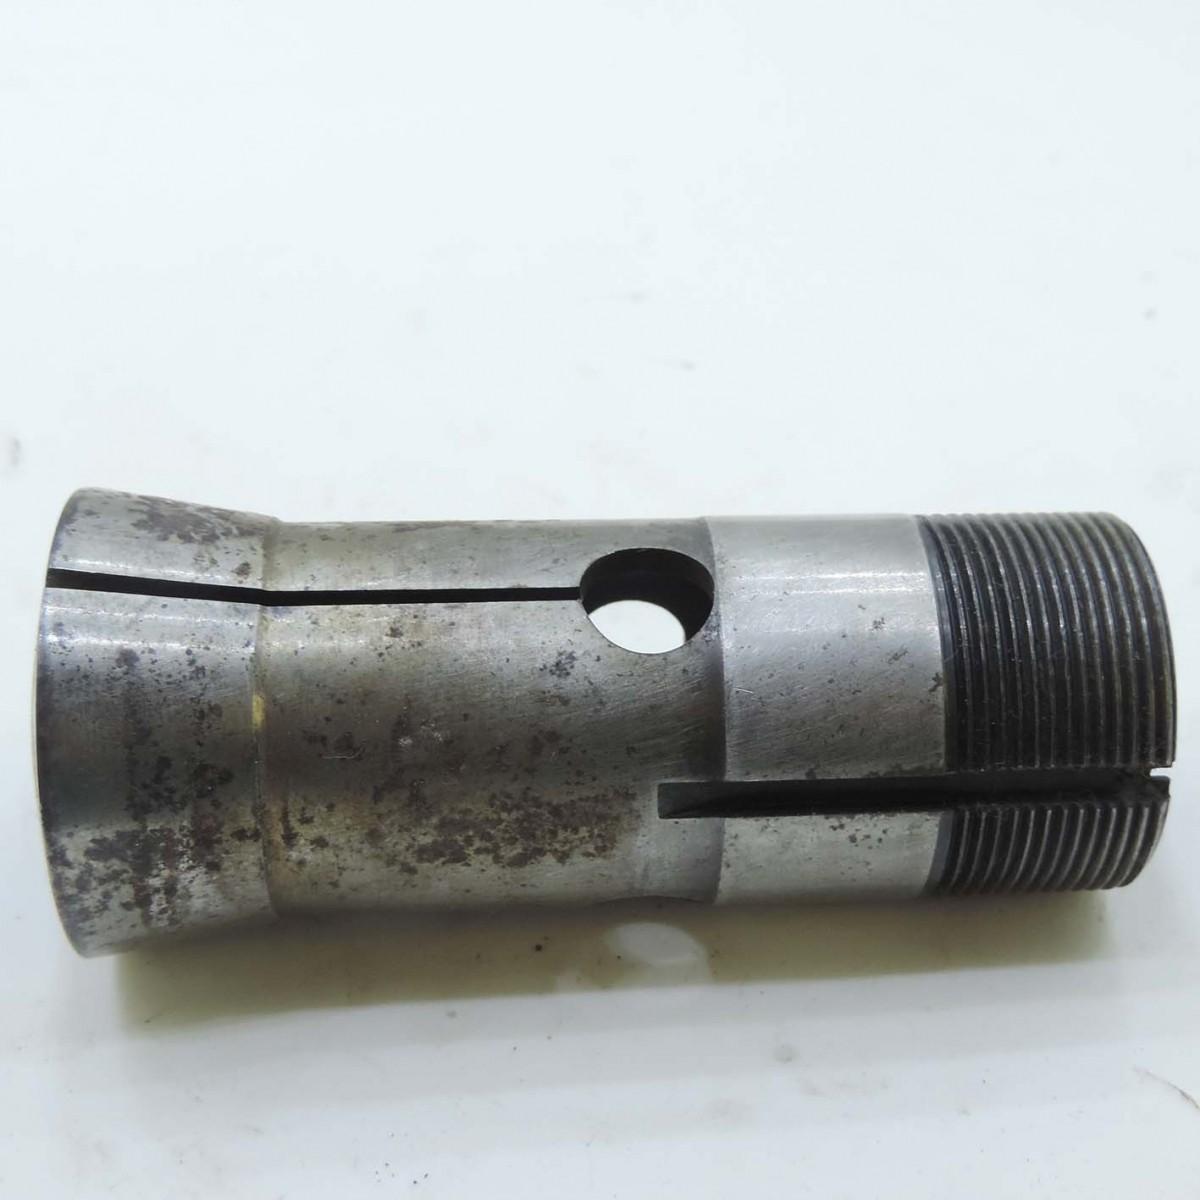 Pinça Avulsa Para Afiadora E Fresadora 21,5 mm - SC363 - Usada